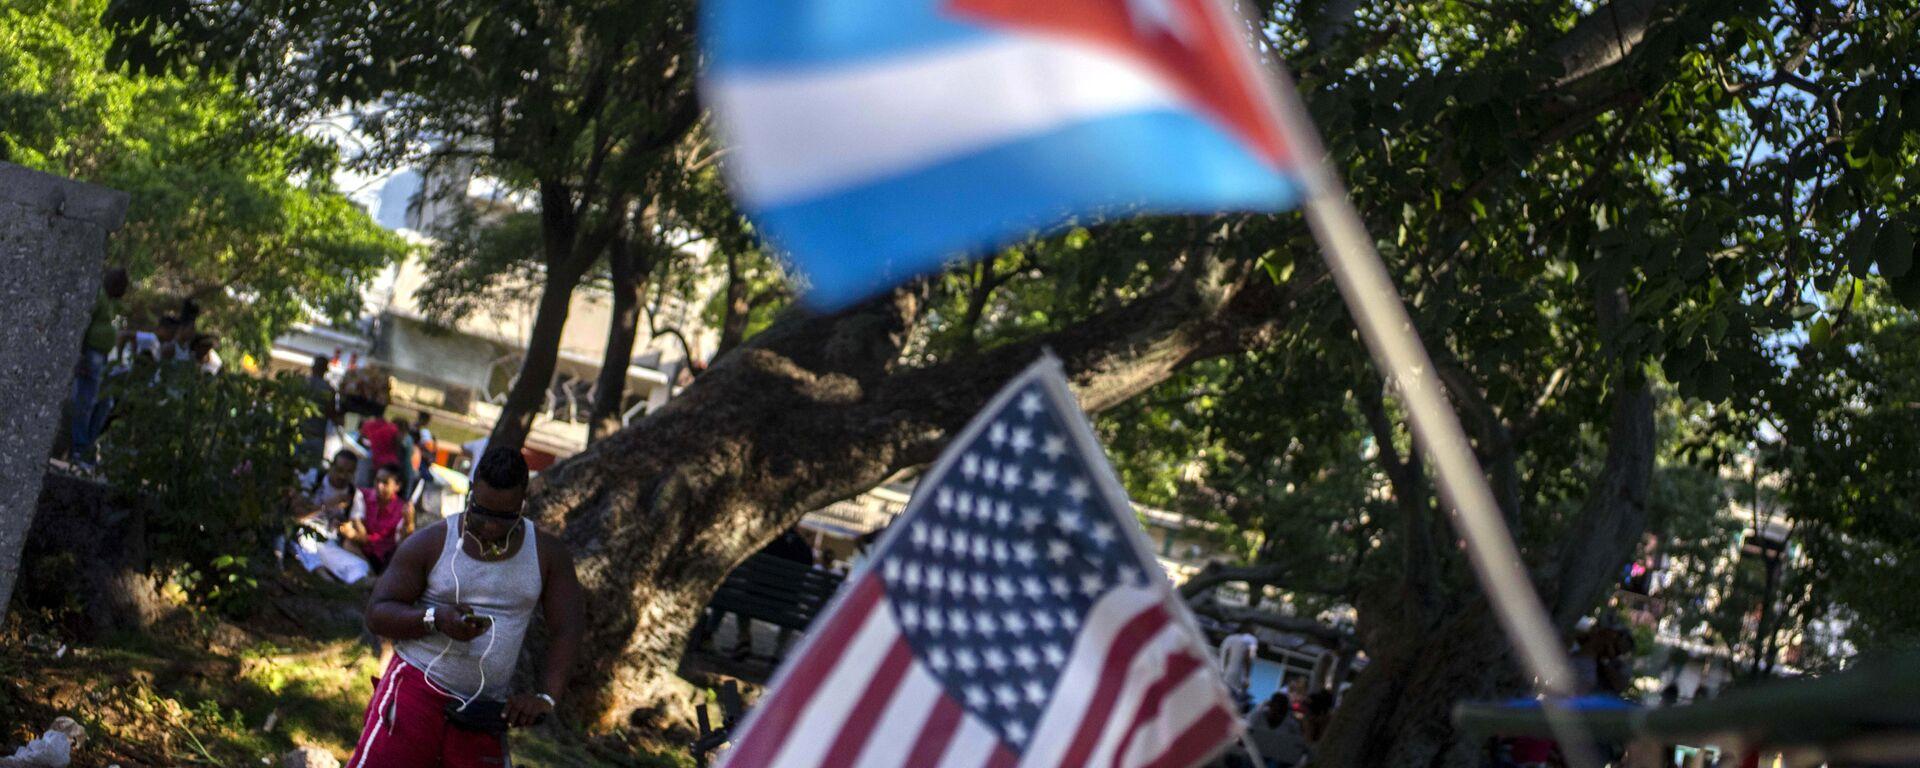 Las banderas de Cuba y EEUU (archivo) - Sputnik Mundo, 1920, 27.06.2021